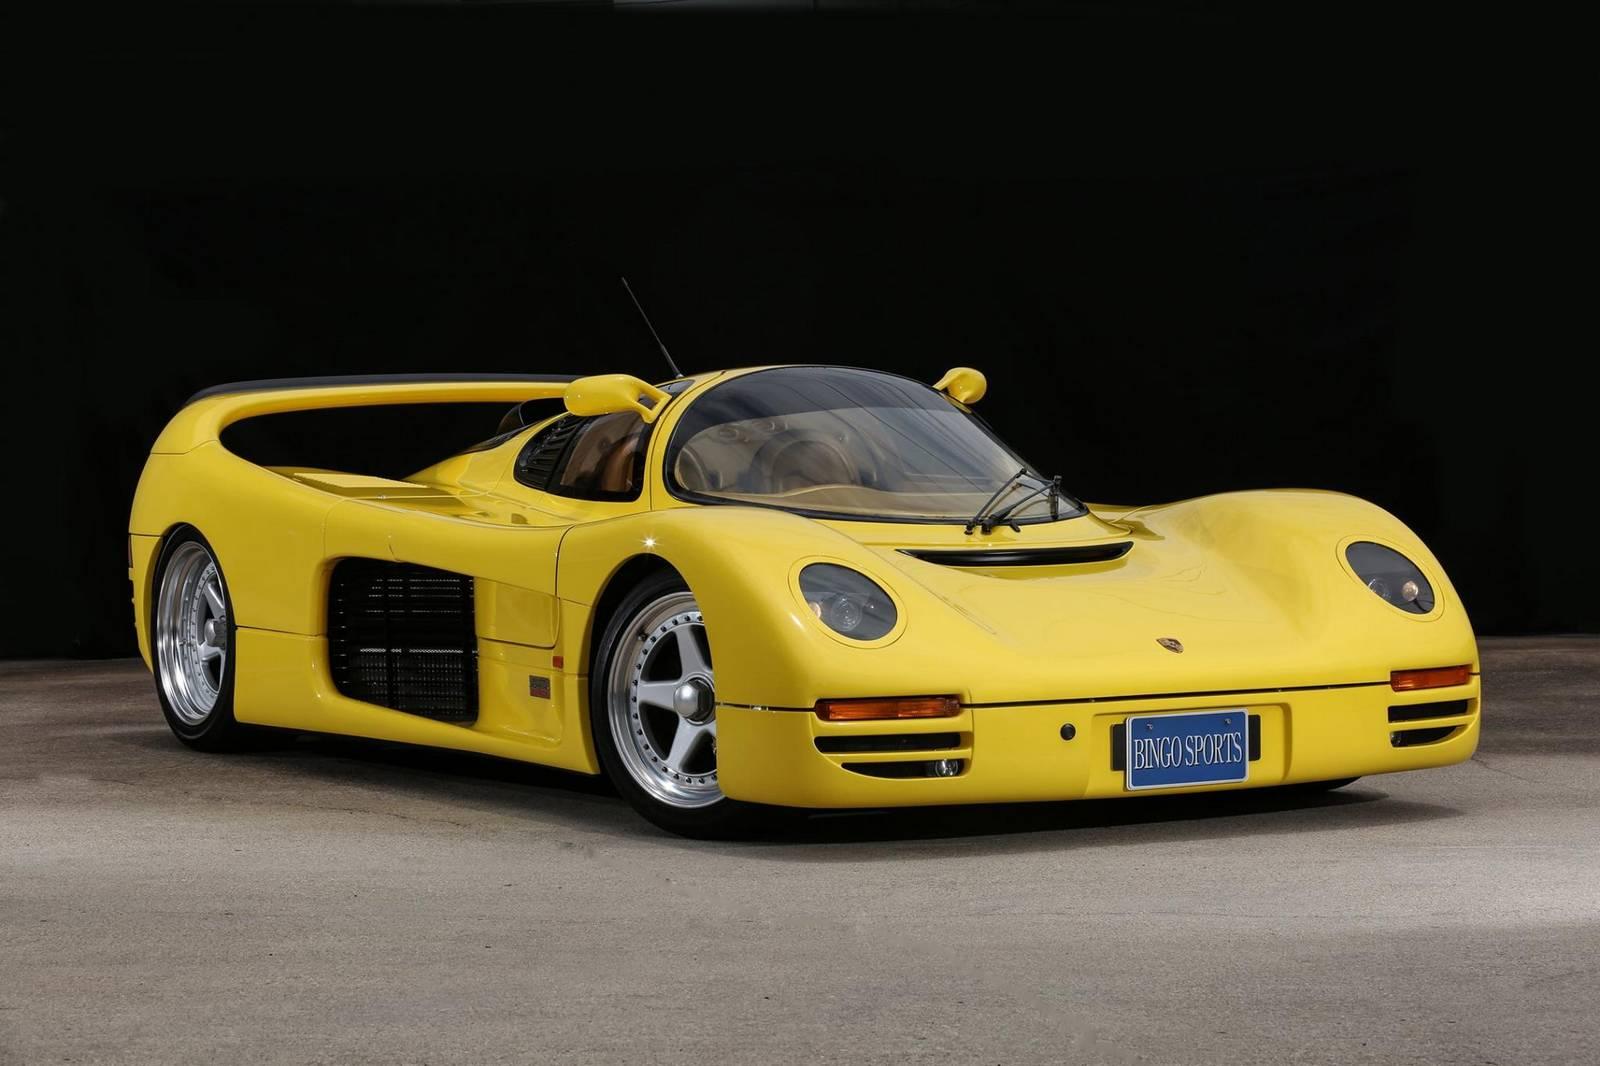 Rare, Strange and Unusual Supercars. Top Marques Monaco ... |Rare Supercars